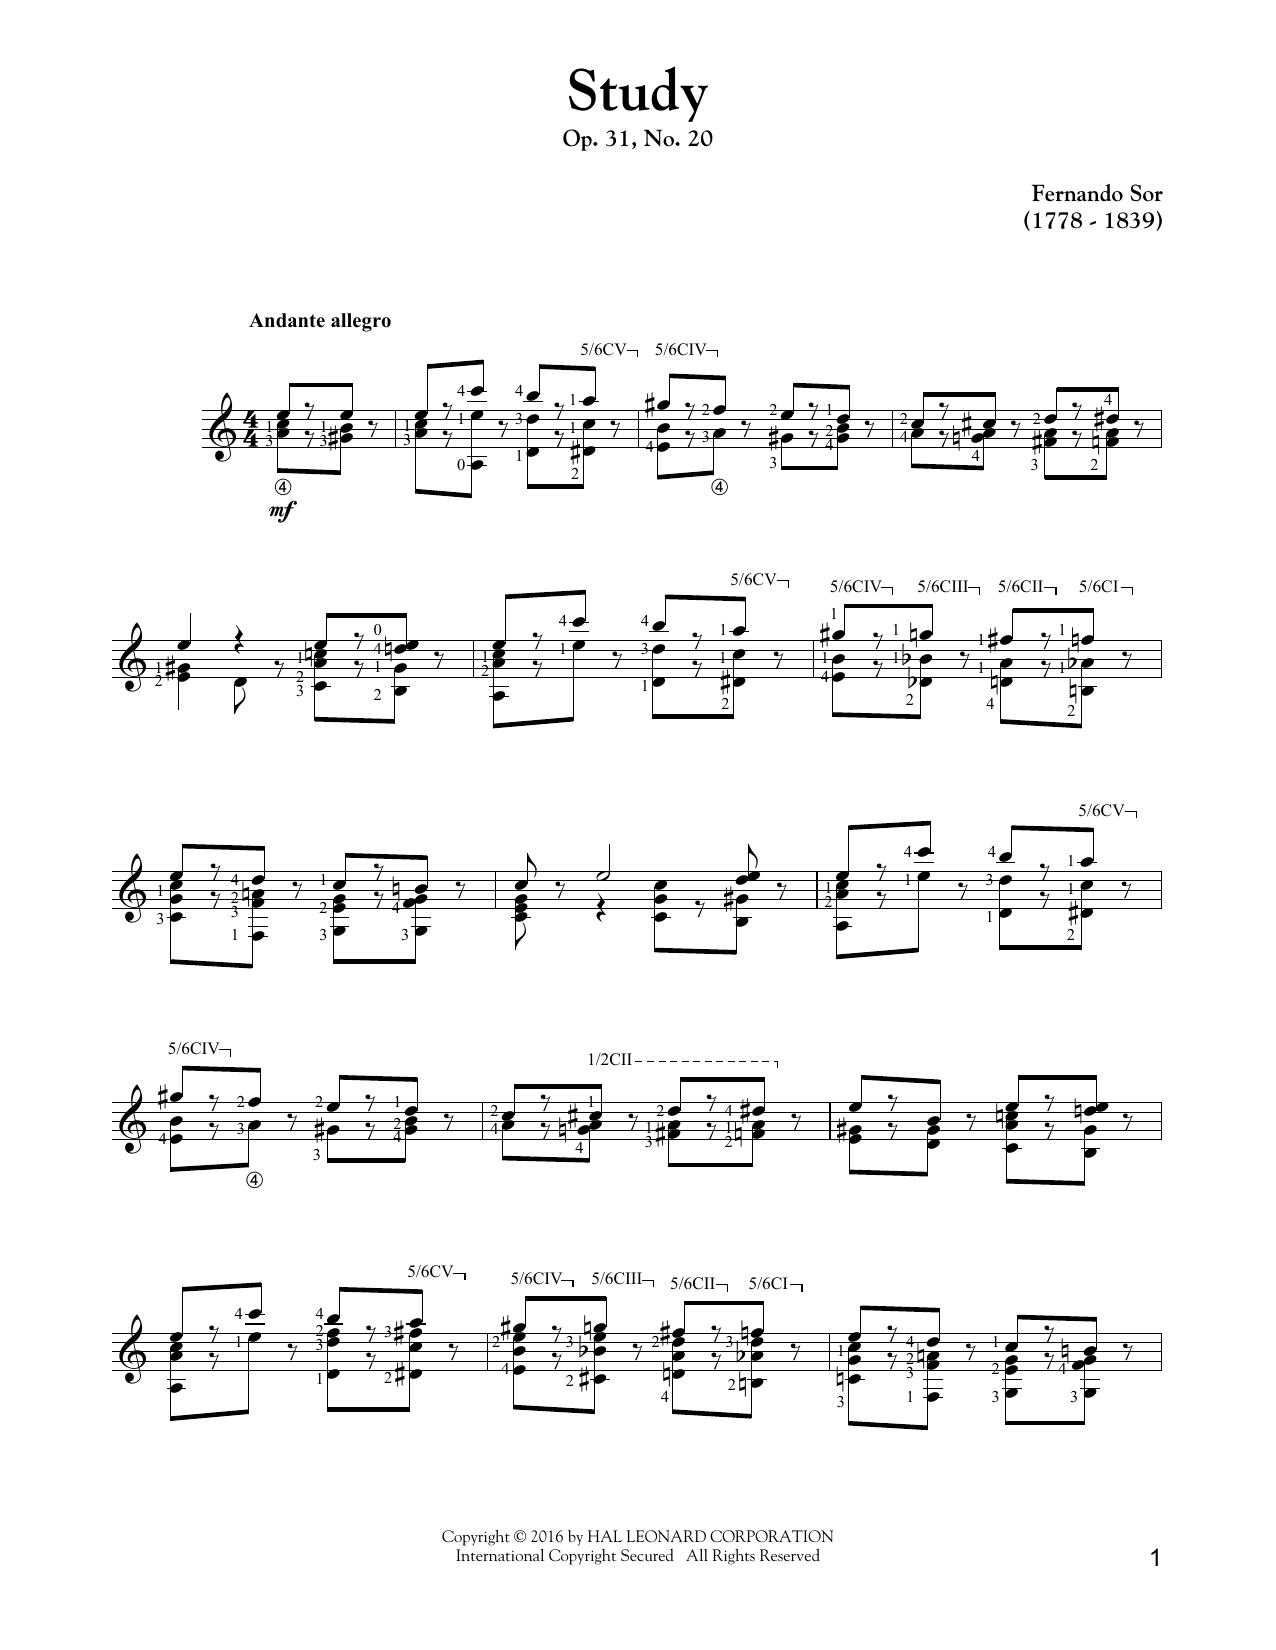 Study Op. 31, No. 20